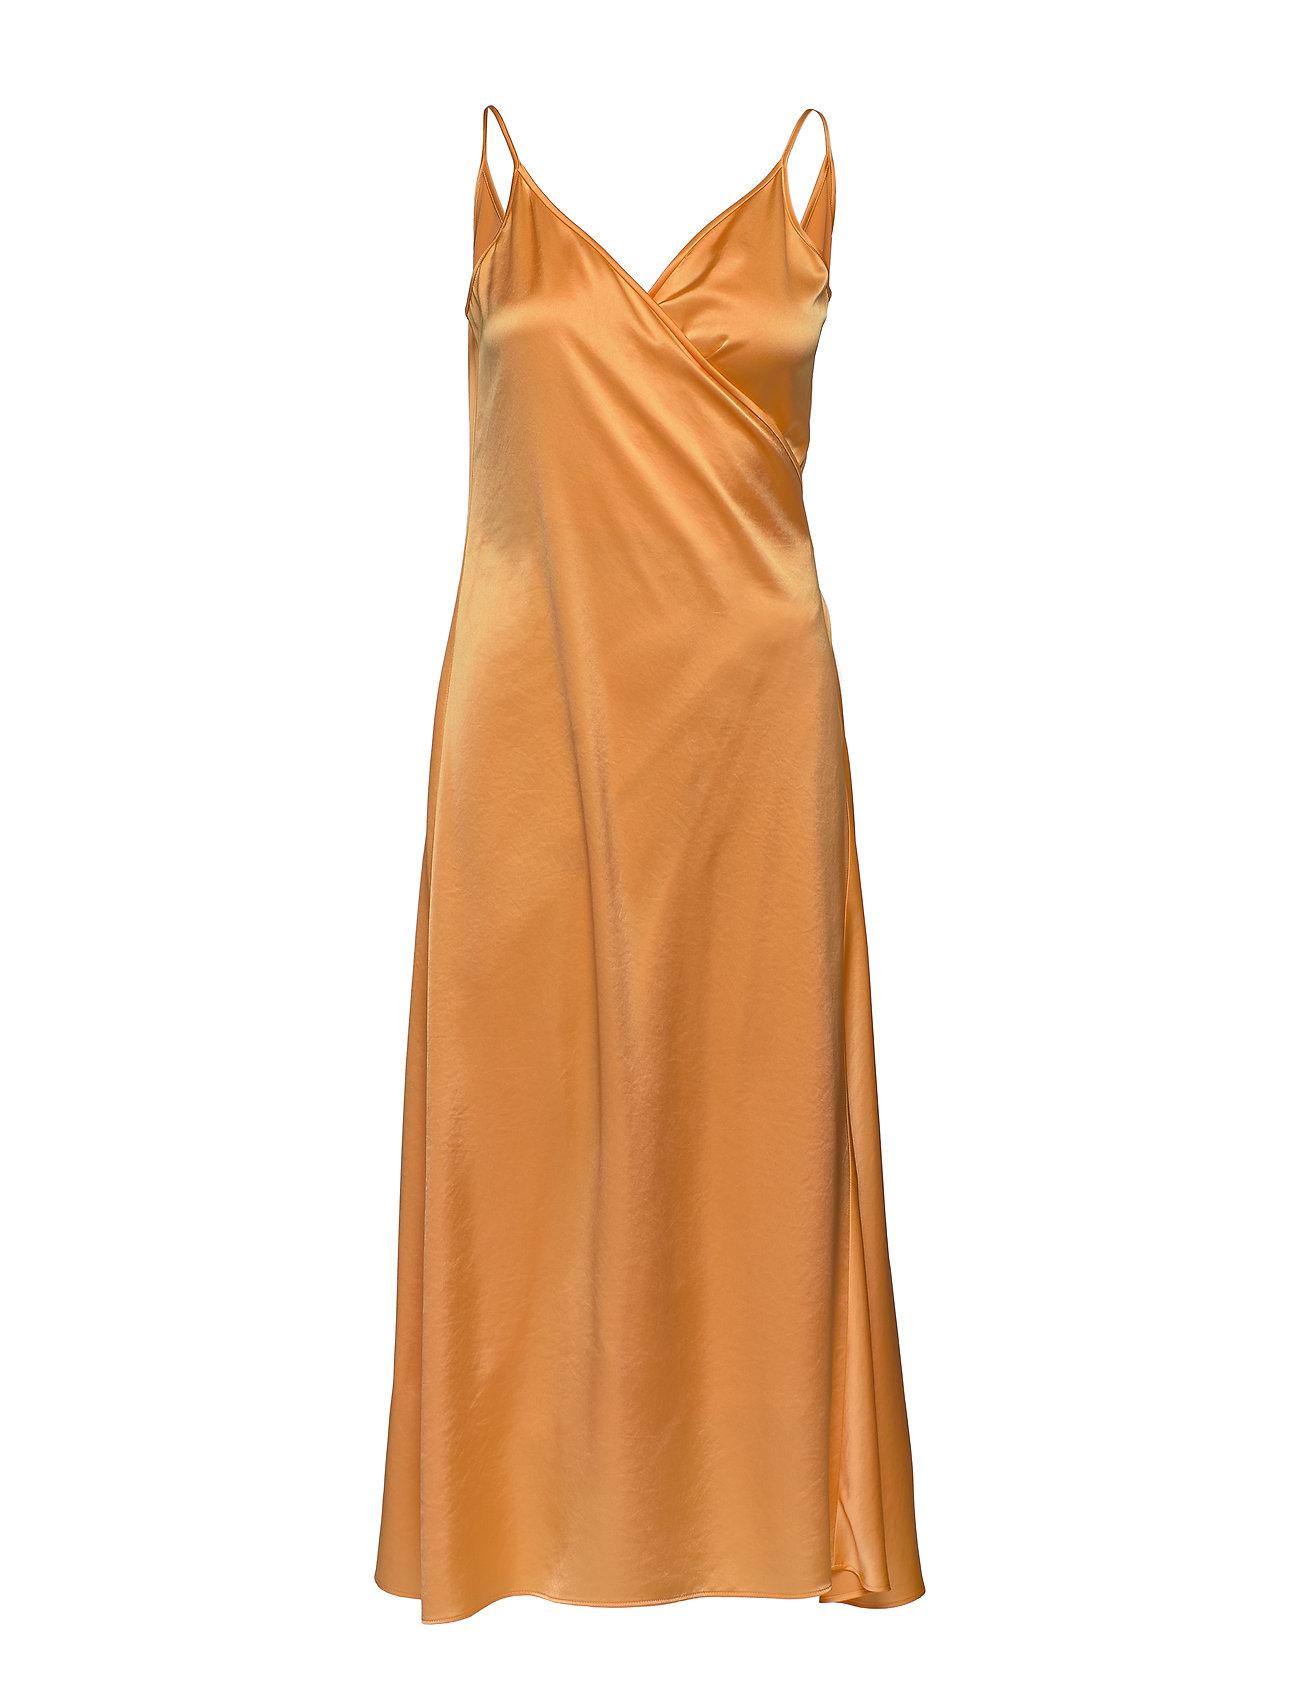 Filippa K Callie Dress - PALE ORANG